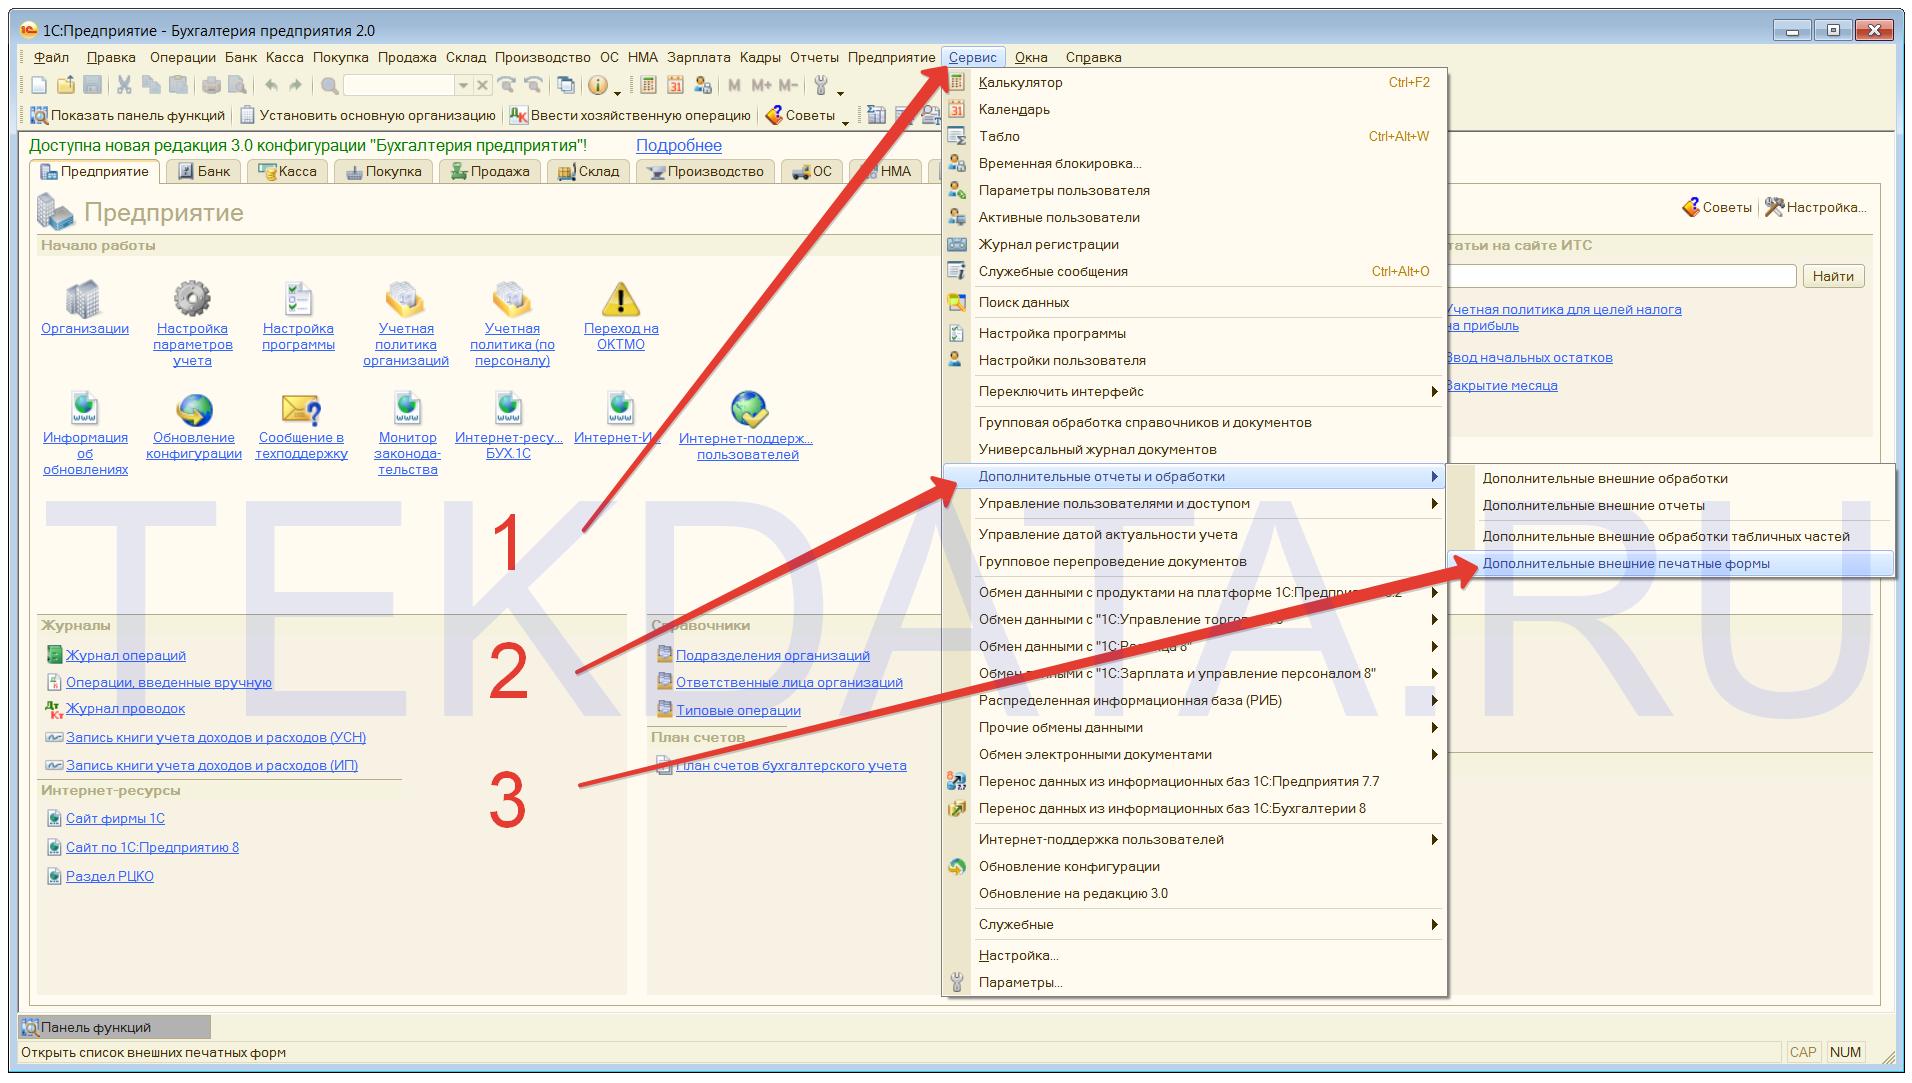 Подключение внешней печатной формы 1С 8.2 (Действия 1-2-3-buh) | tekdata.ru